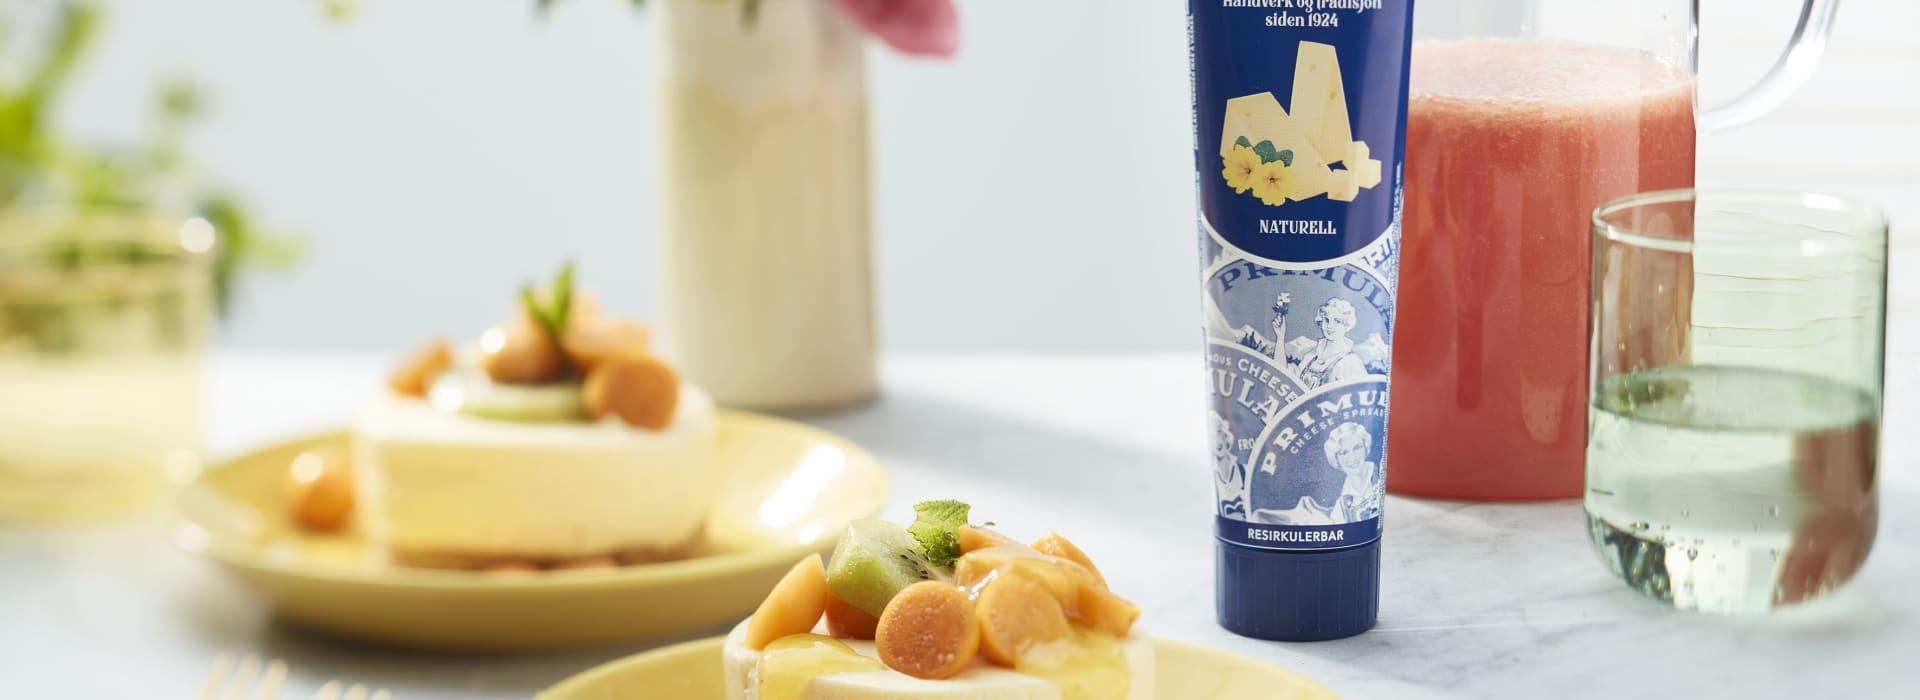 Sitronostekake i porsjoner, toppet med kiwi, physallis-frukt og en frisk, gul saus